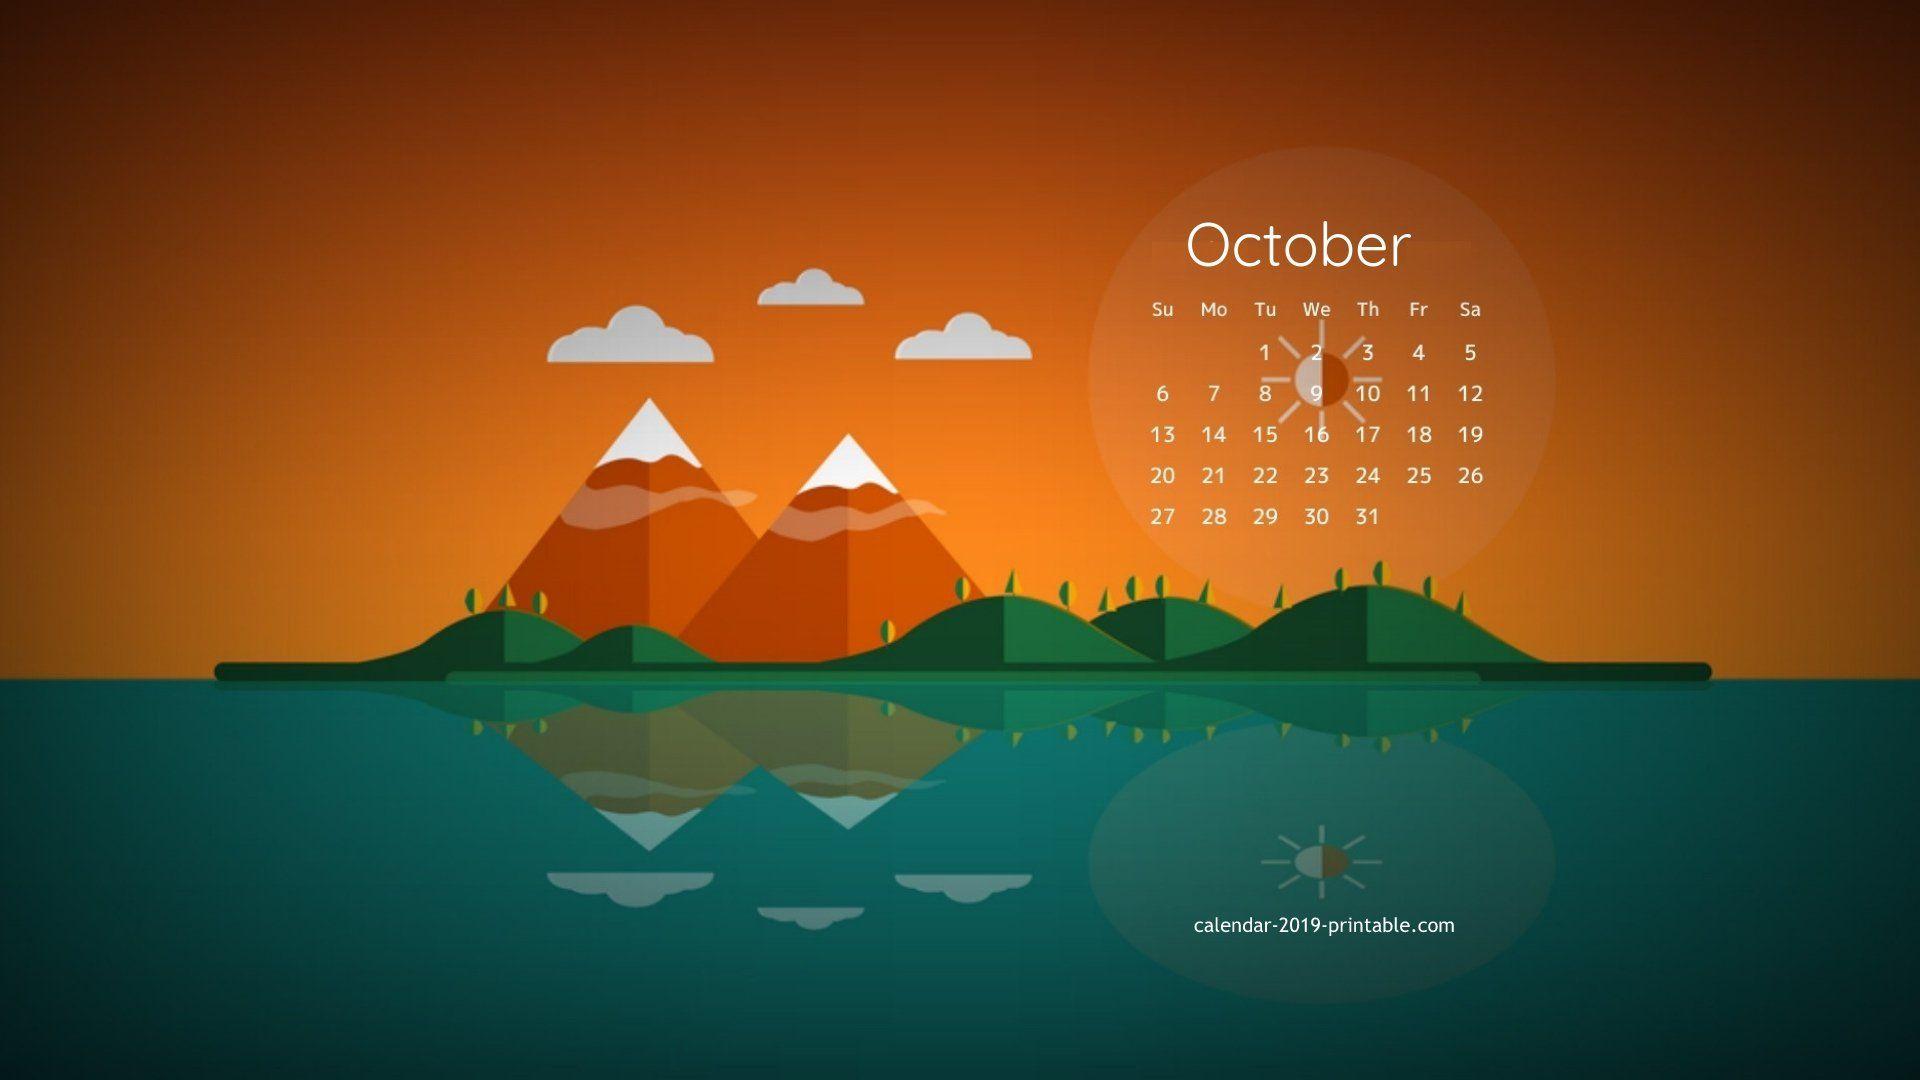 october 2019 calendar desktop wallpaper Desktop calendar